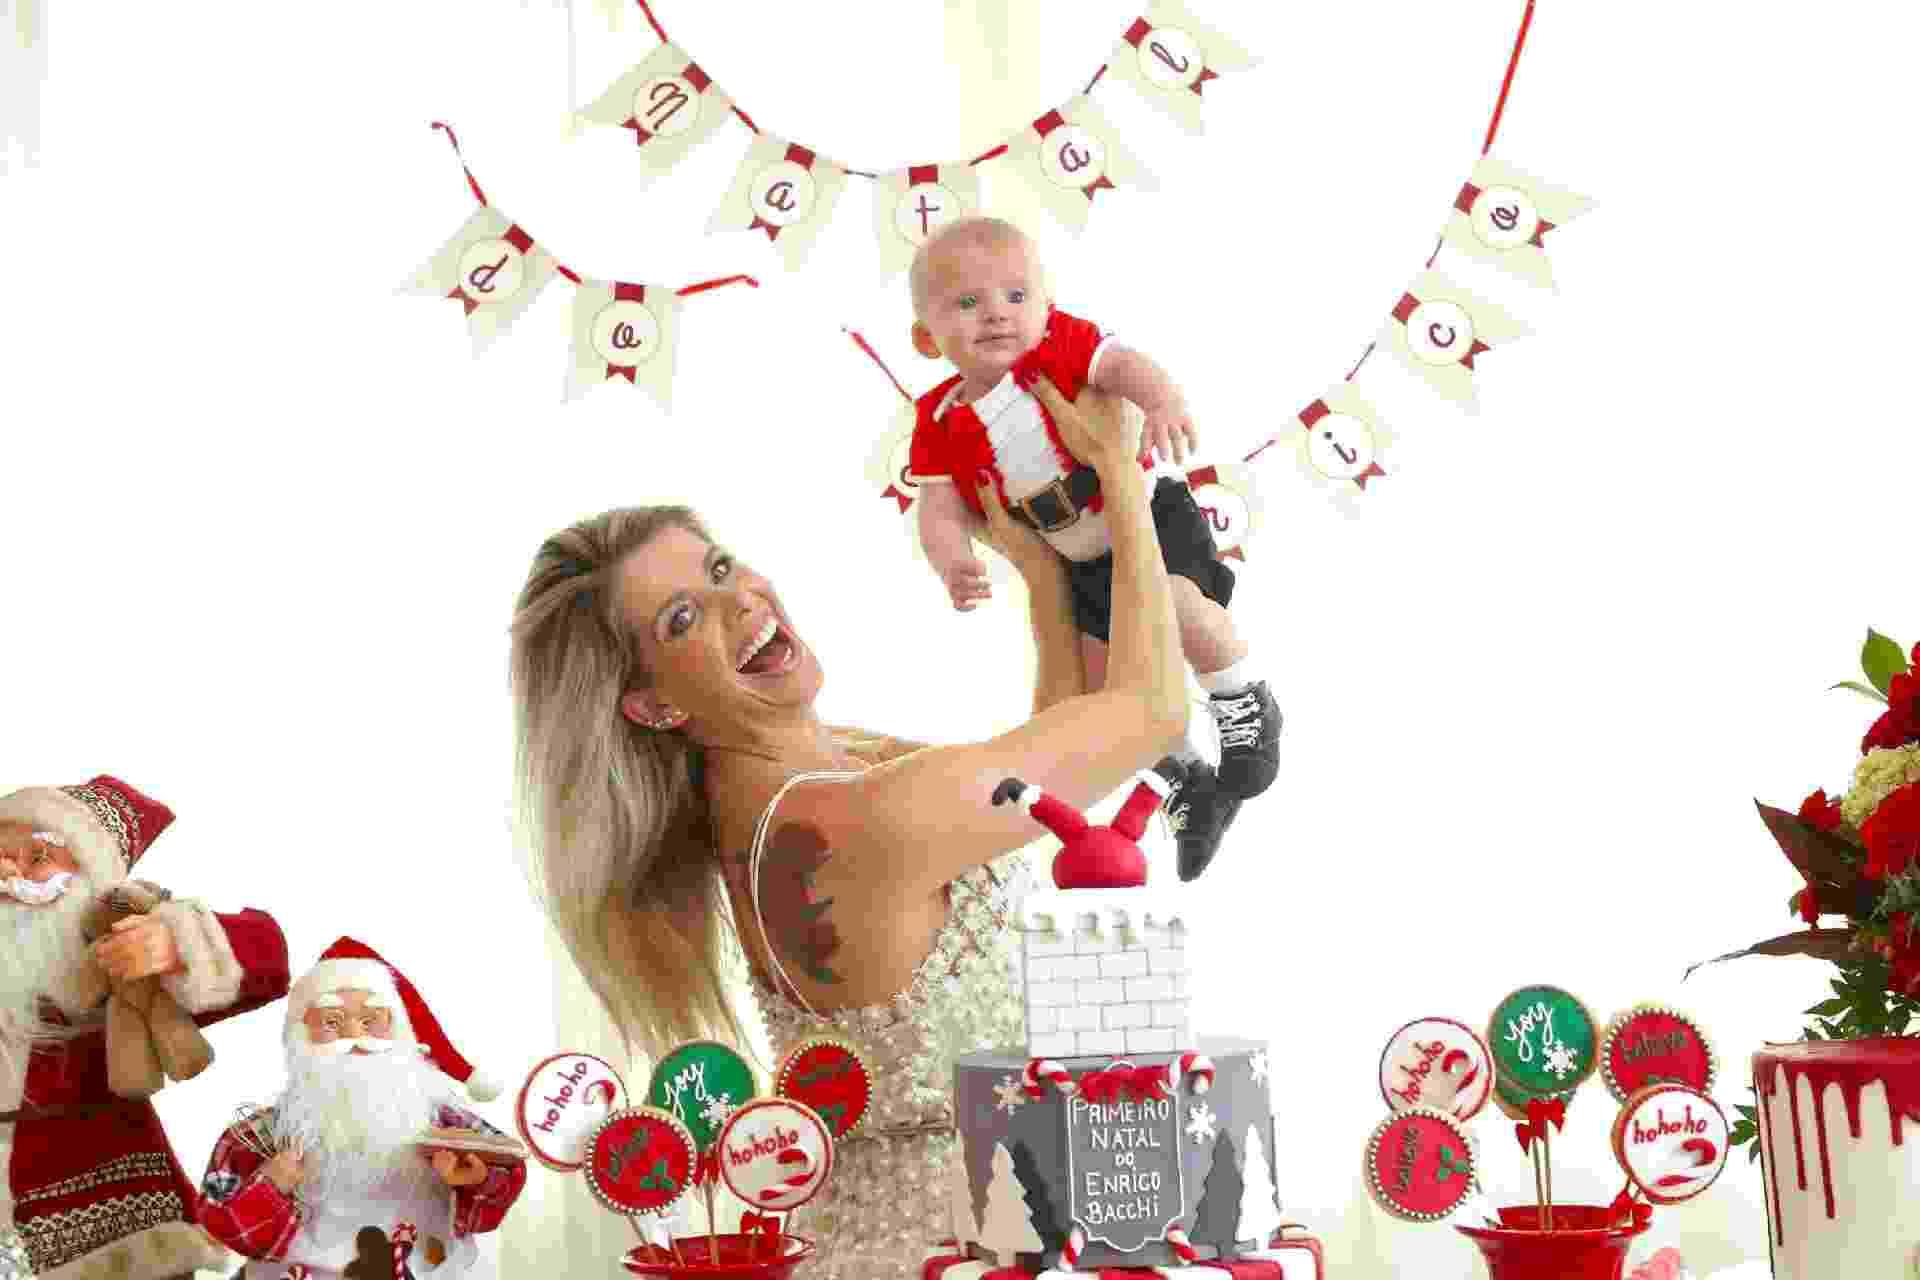 """Natal já começa a dar suas caras. Há quem faça, inclusive, comemorações antecipadas, ou até festeje muitas vezes. É o caso da família Bacchi, que realizou um encontro natalino especial para o filho - """"1º X'mas Party do Enrico"""" - Manuela Scarpa/Brazil News"""